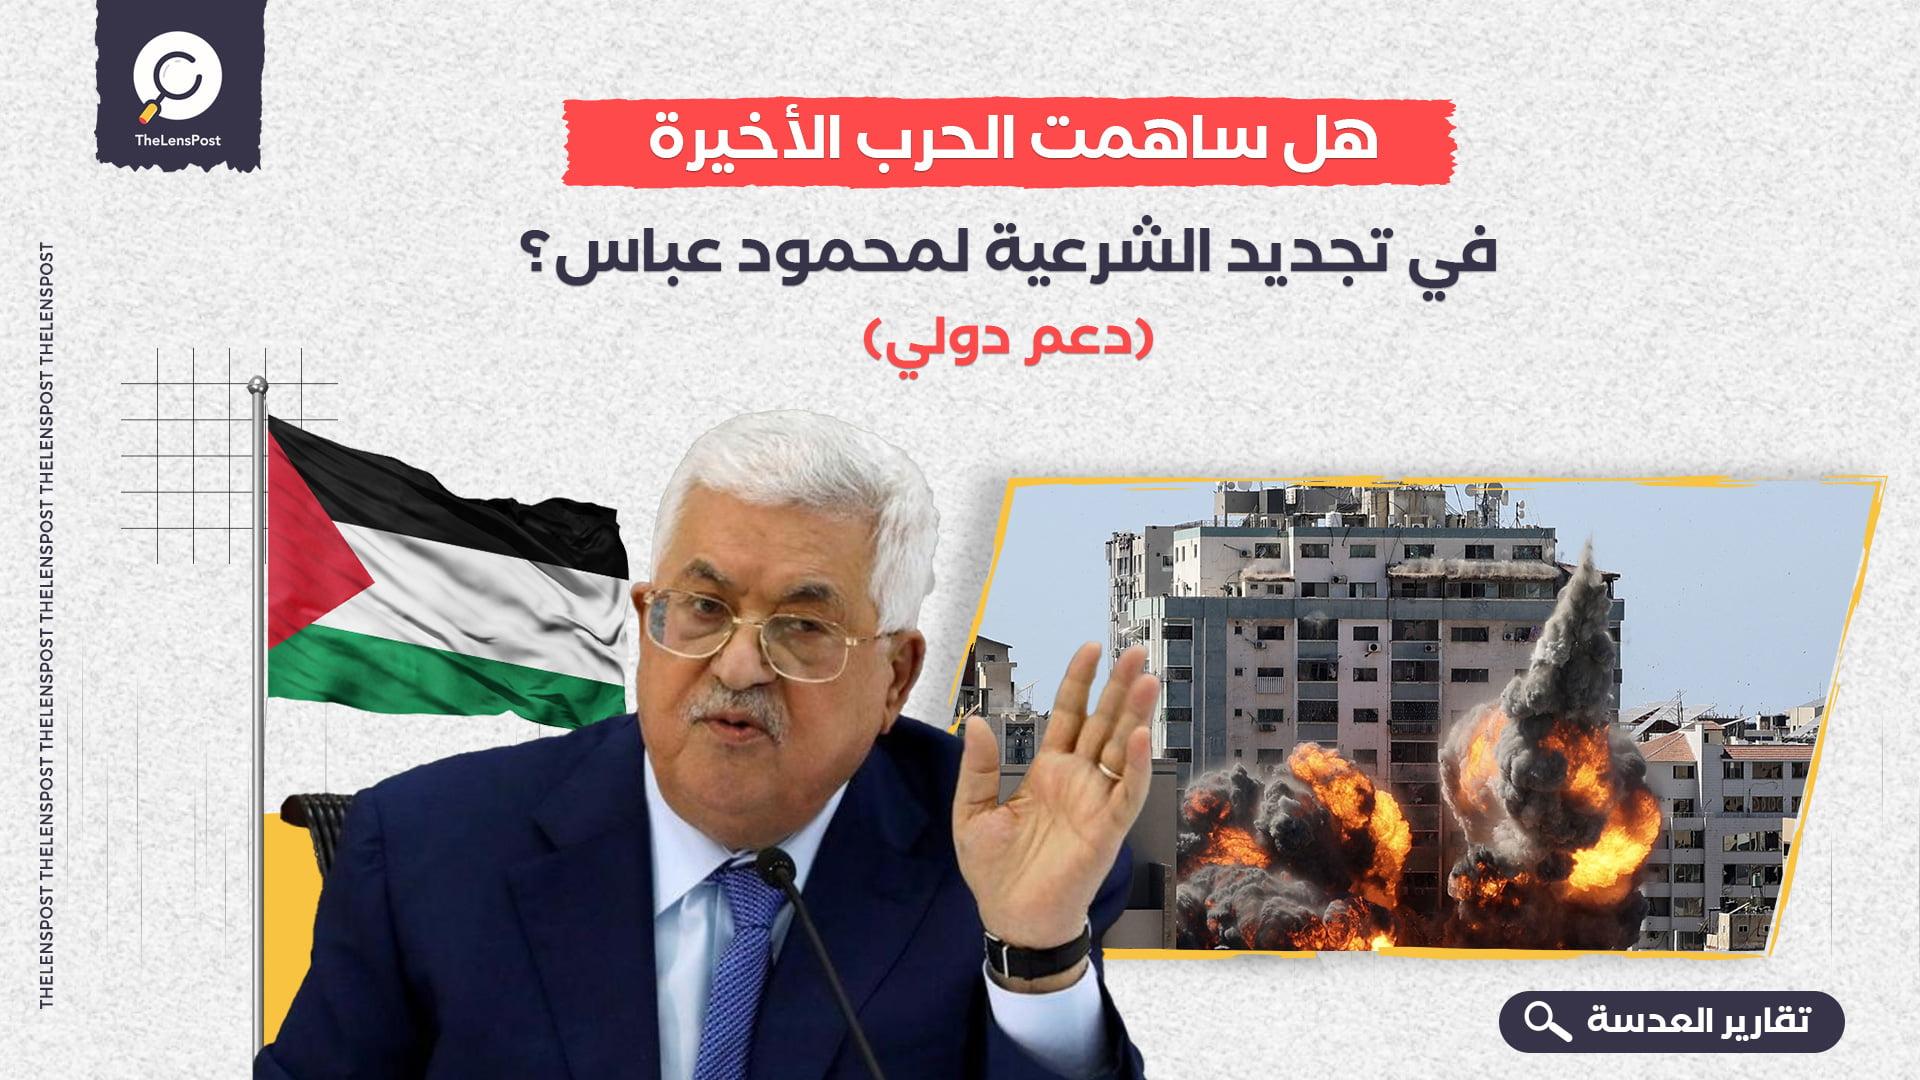 هل ساهمت الحرب الأخيرة في تجديد الشرعية لمحمود عباس؟